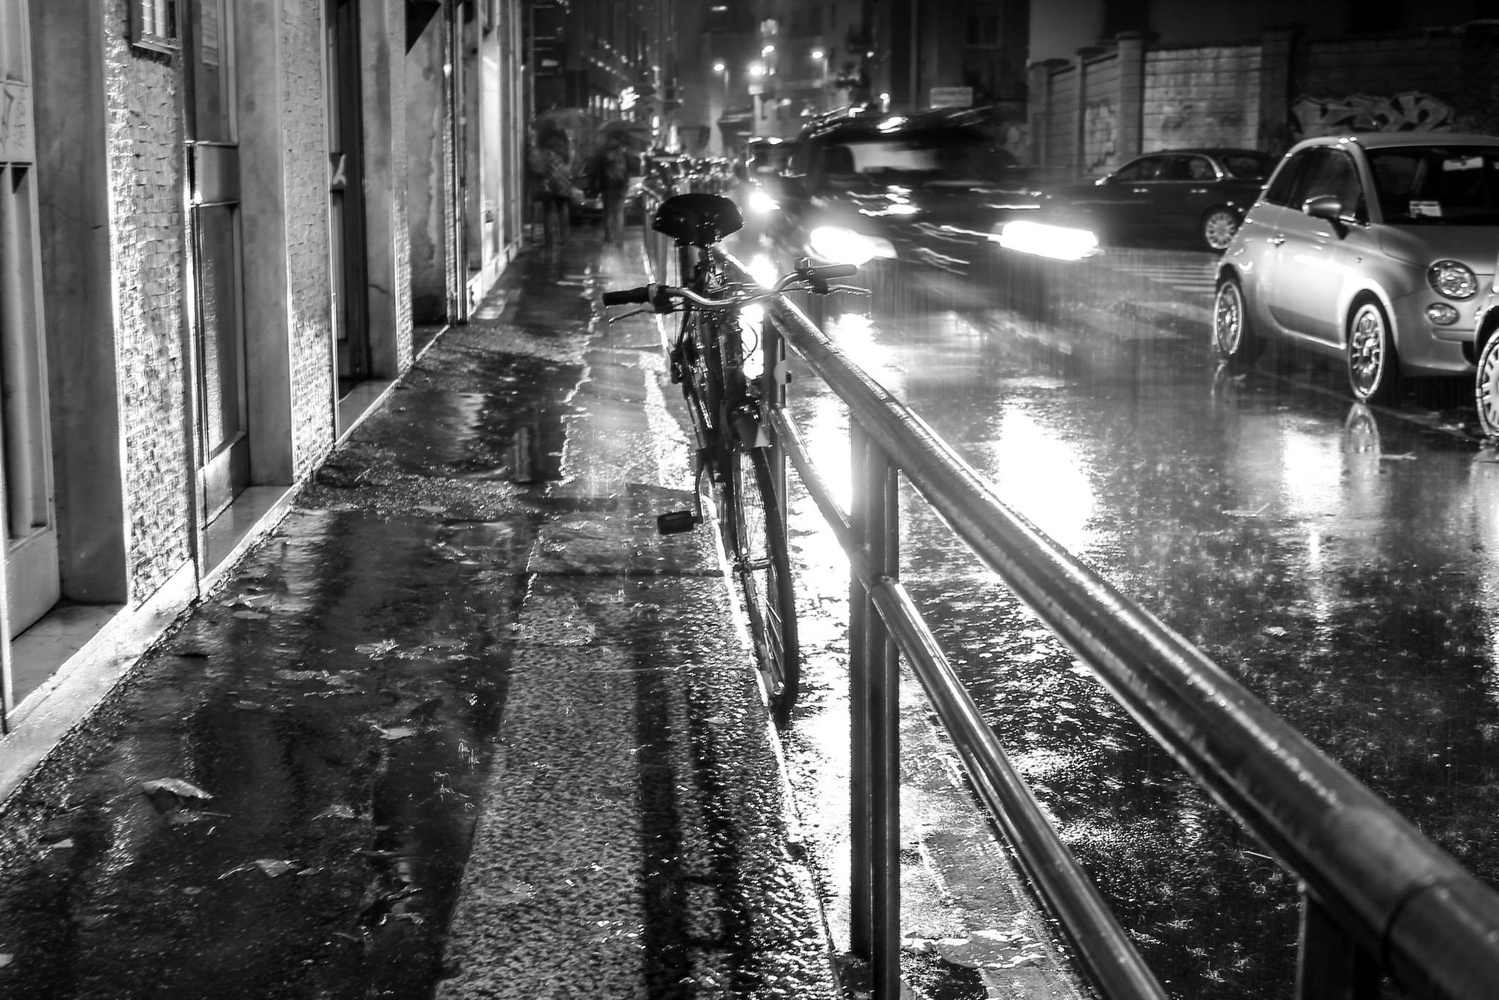 Wet Concrete by Cameron McGrath